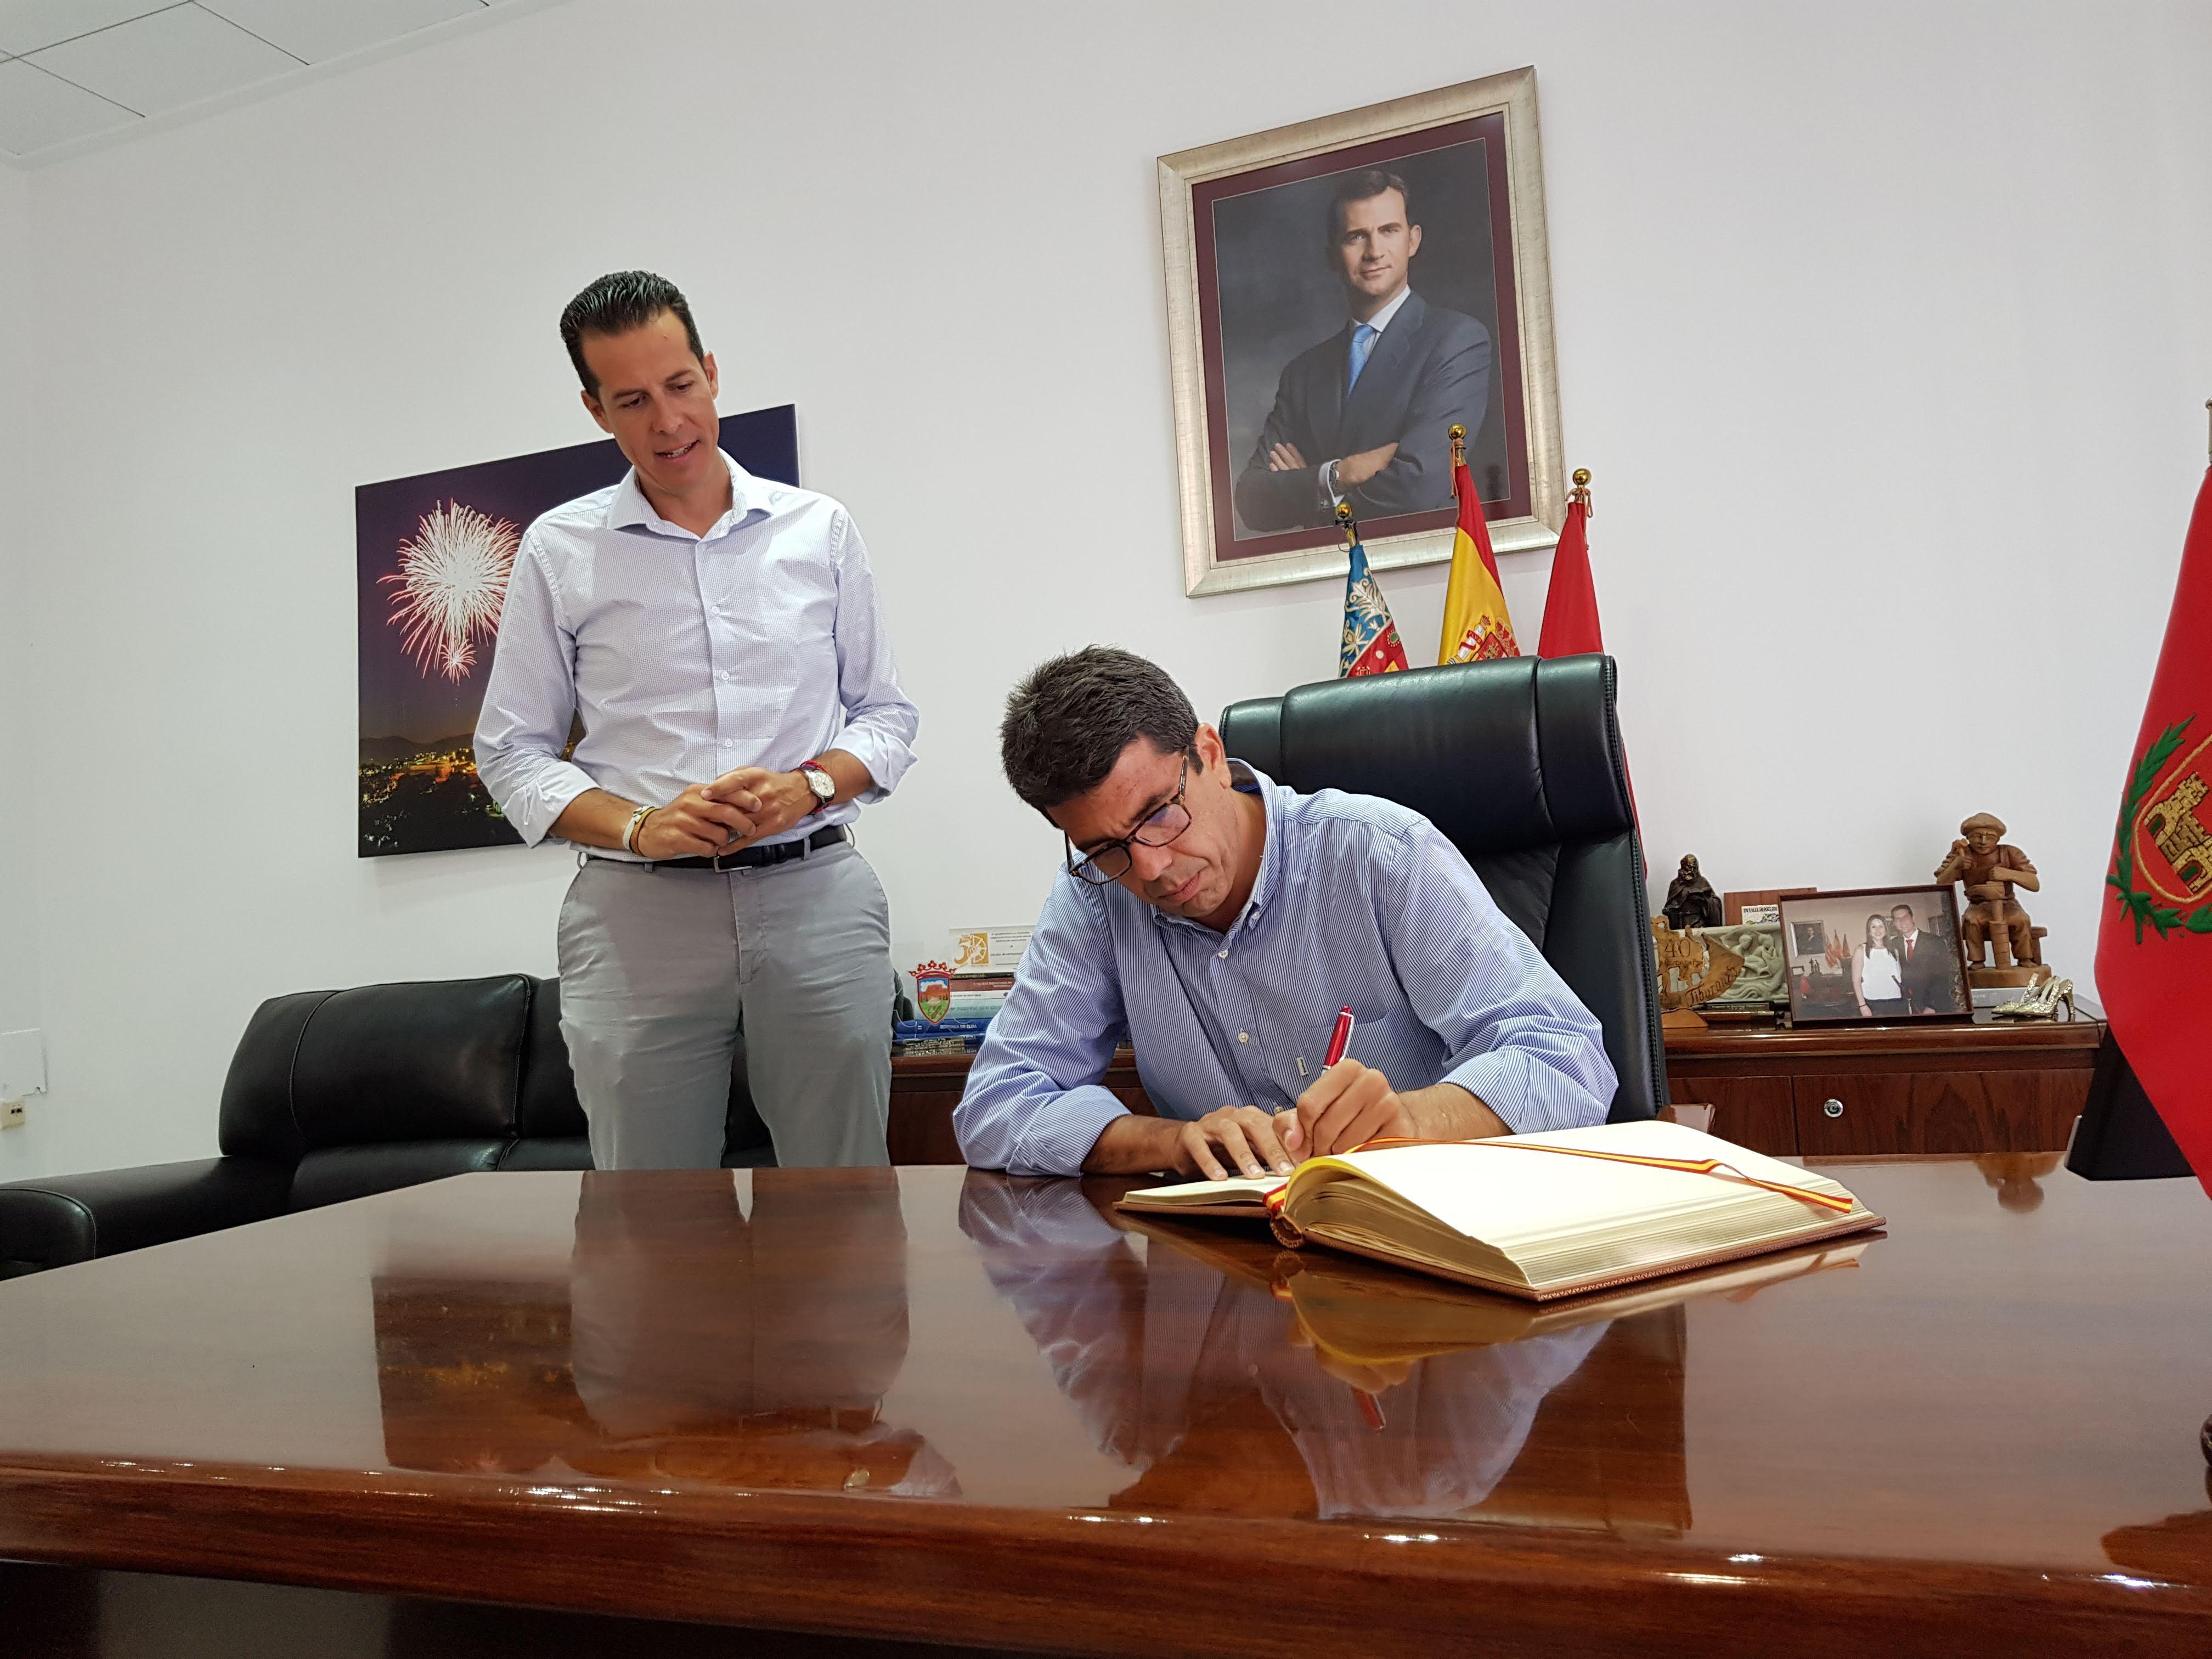 Rubén Alfaro y Carlos Mazón se comprometen a estrechar la colaboración entre el Ayuntamiento de Elda y la Diputación de Alicante